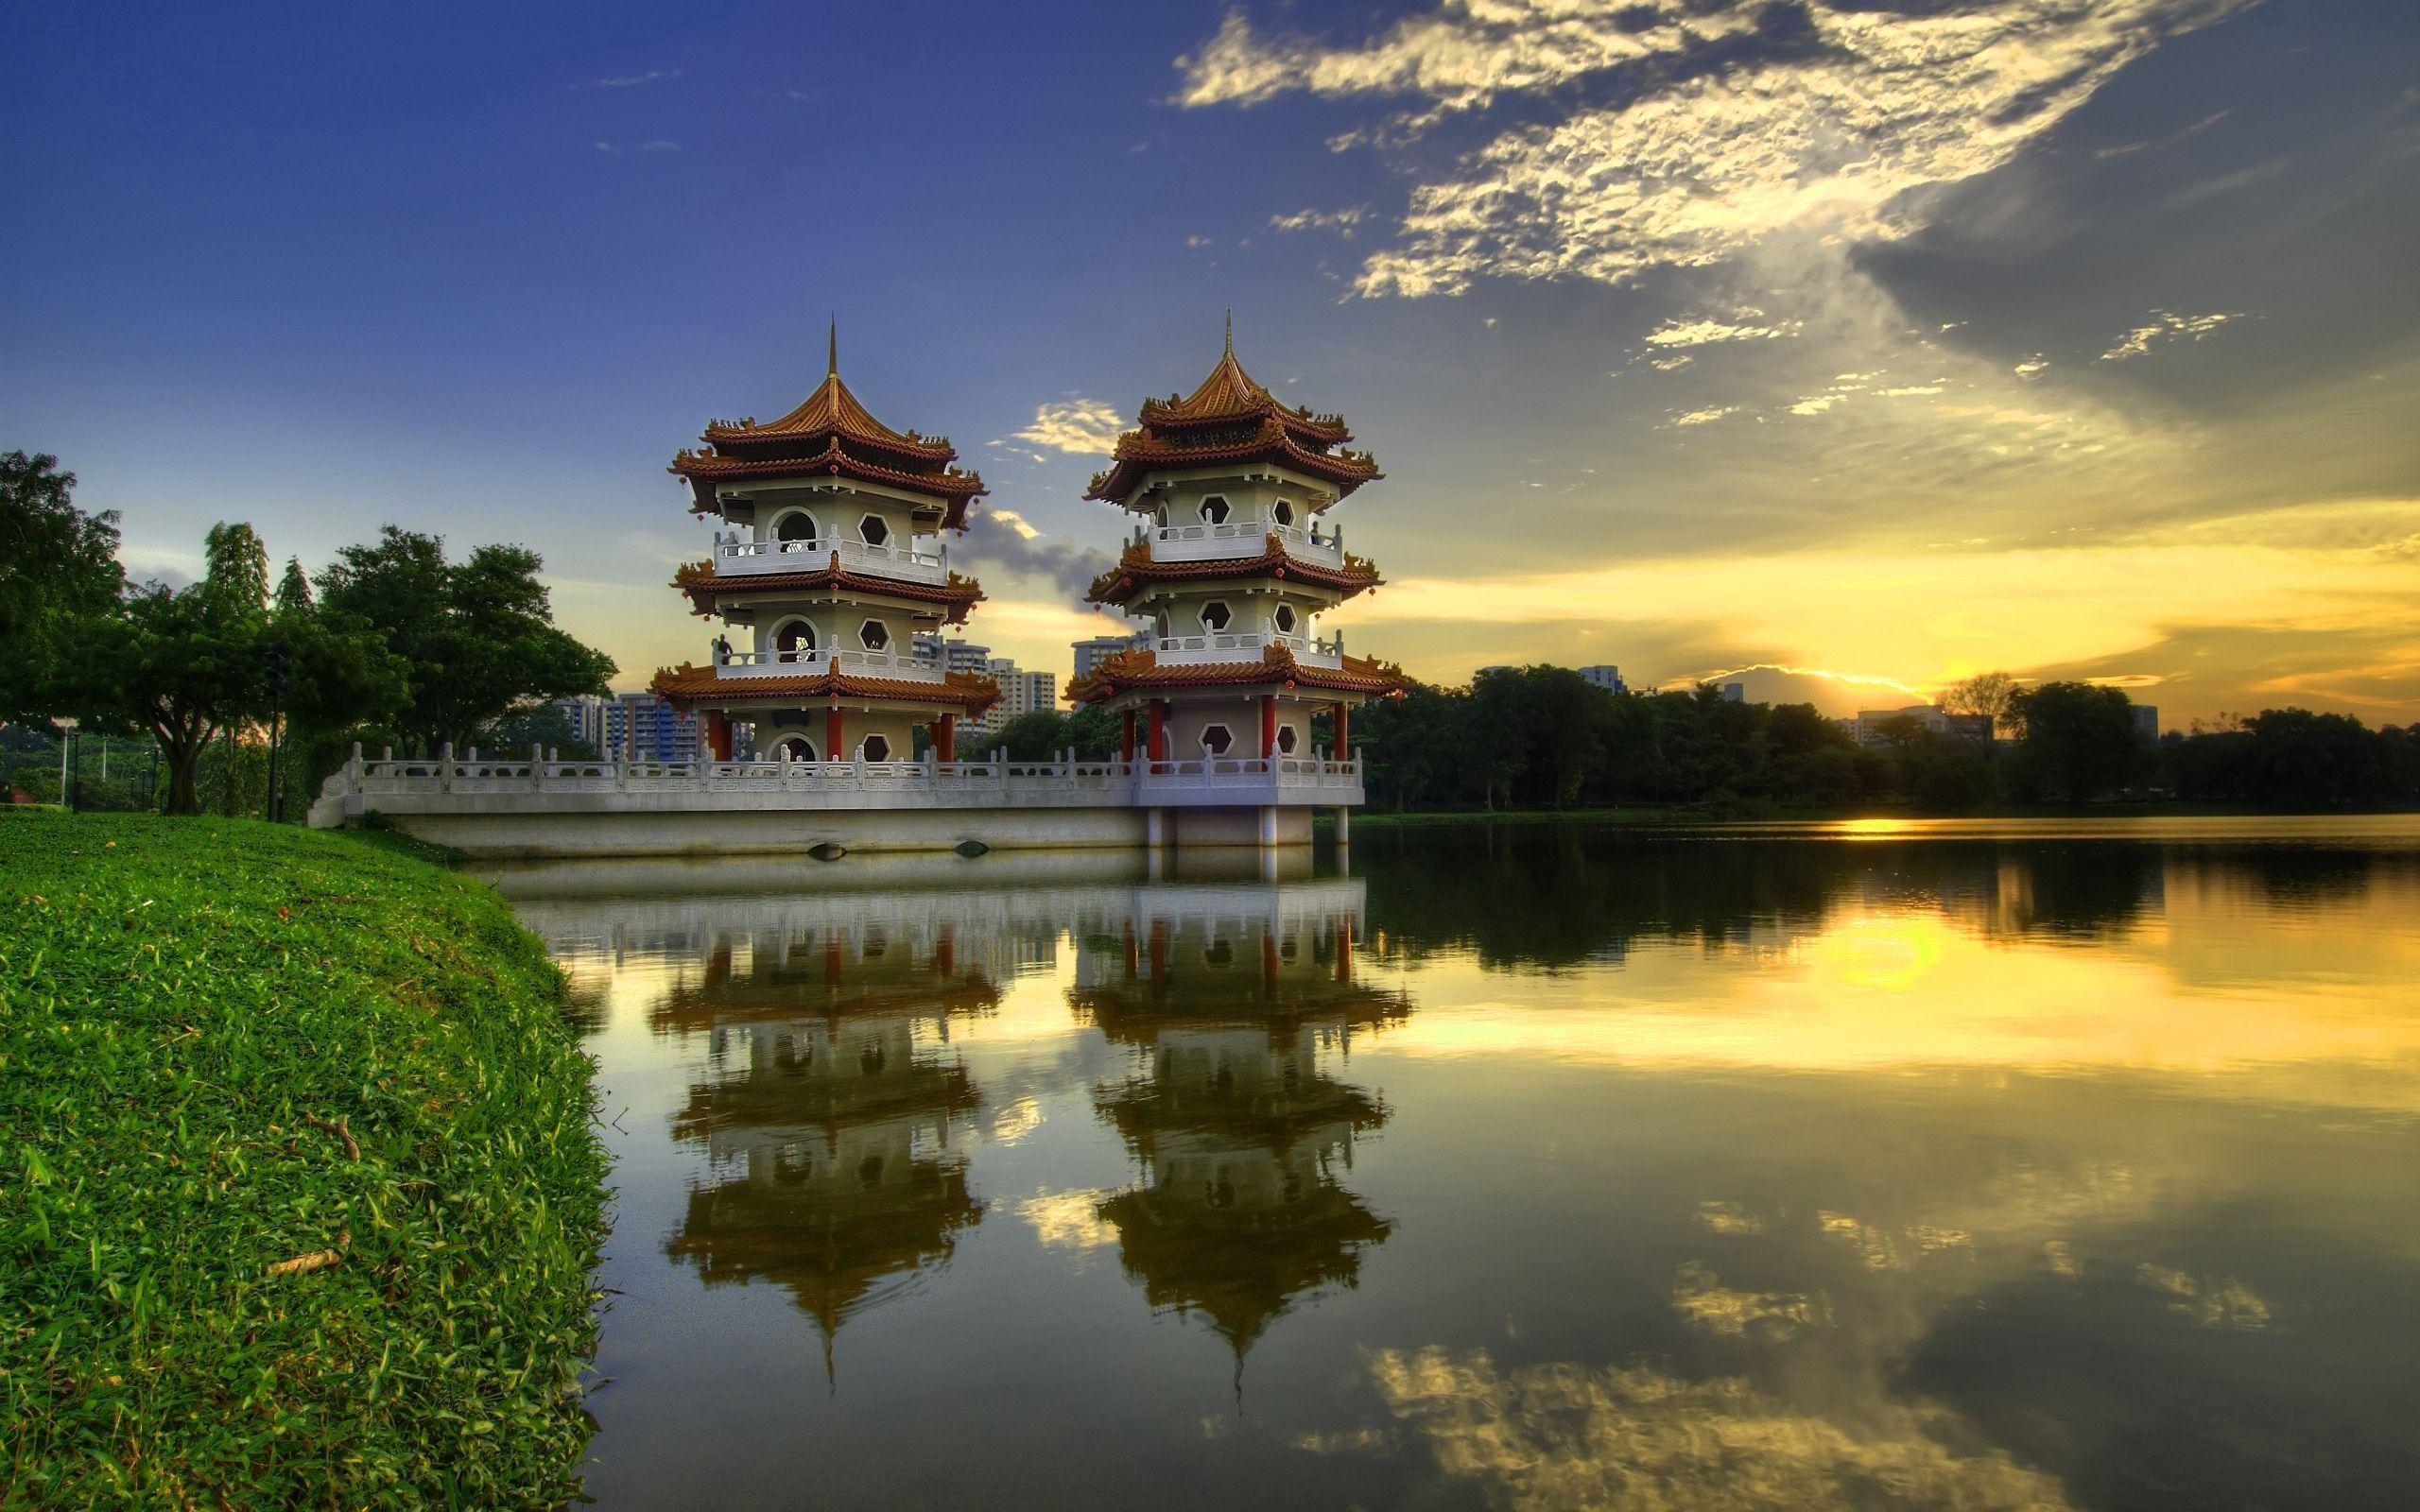 139932 скачать обои Природа, Китай, Строения, Озеро, Отражение, Утро, Берег, Архитектура - заставки и картинки бесплатно